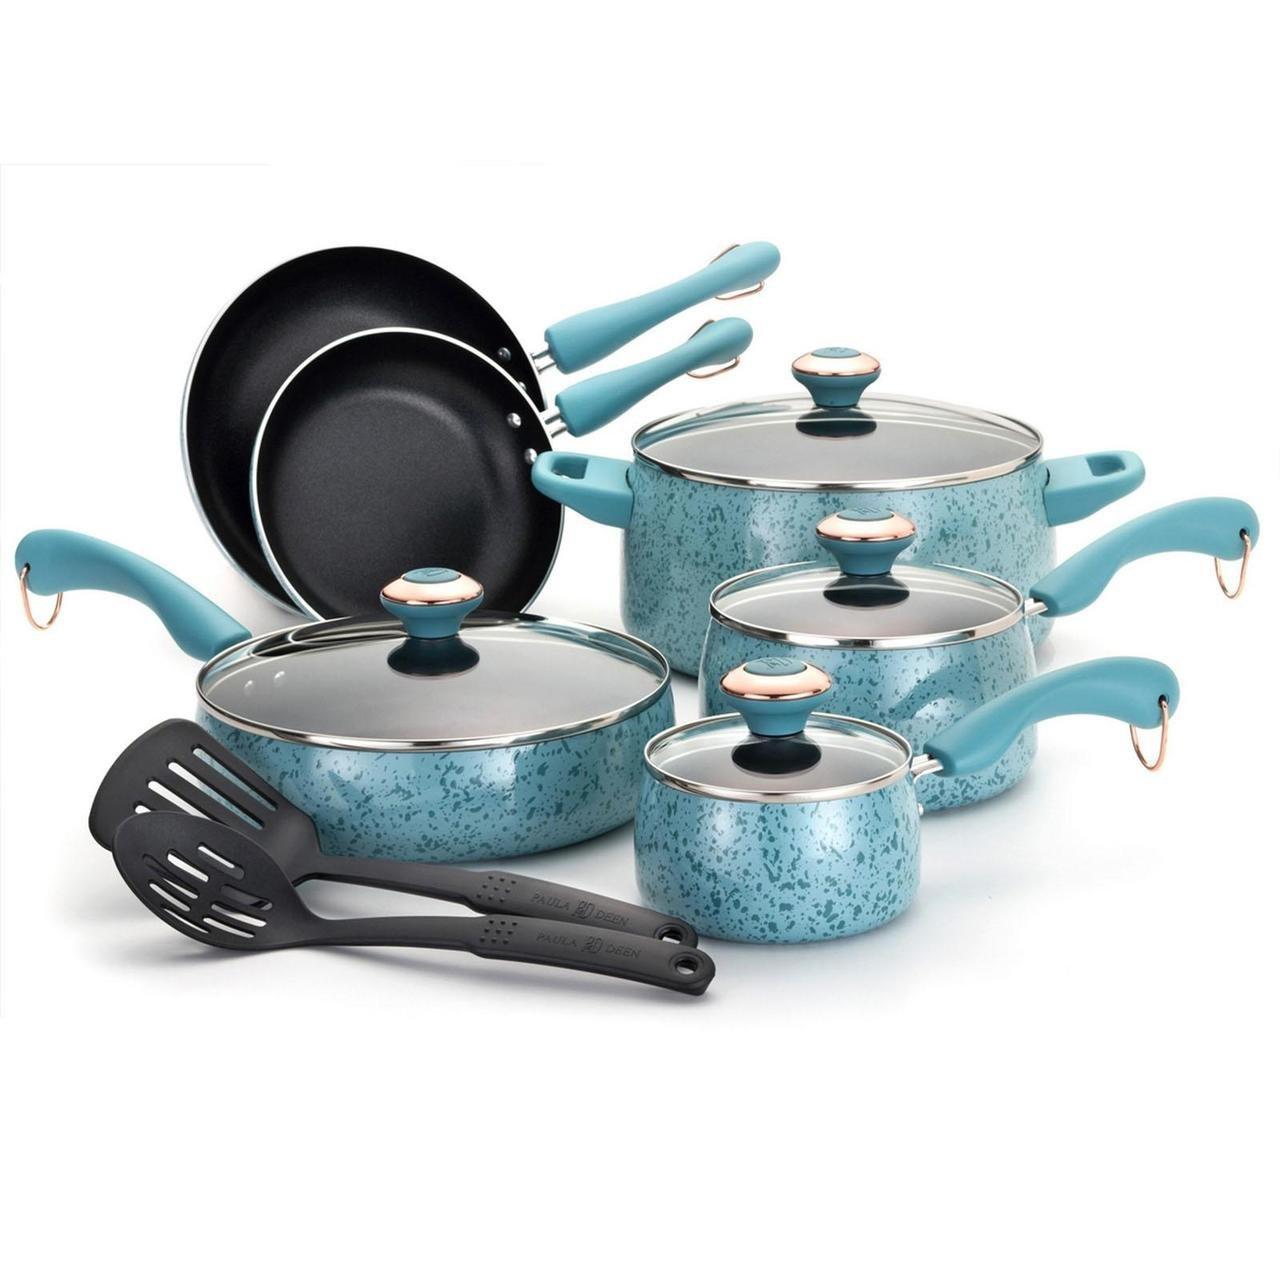 paula deen porcelain nonstick 12 piece cookware set in blue